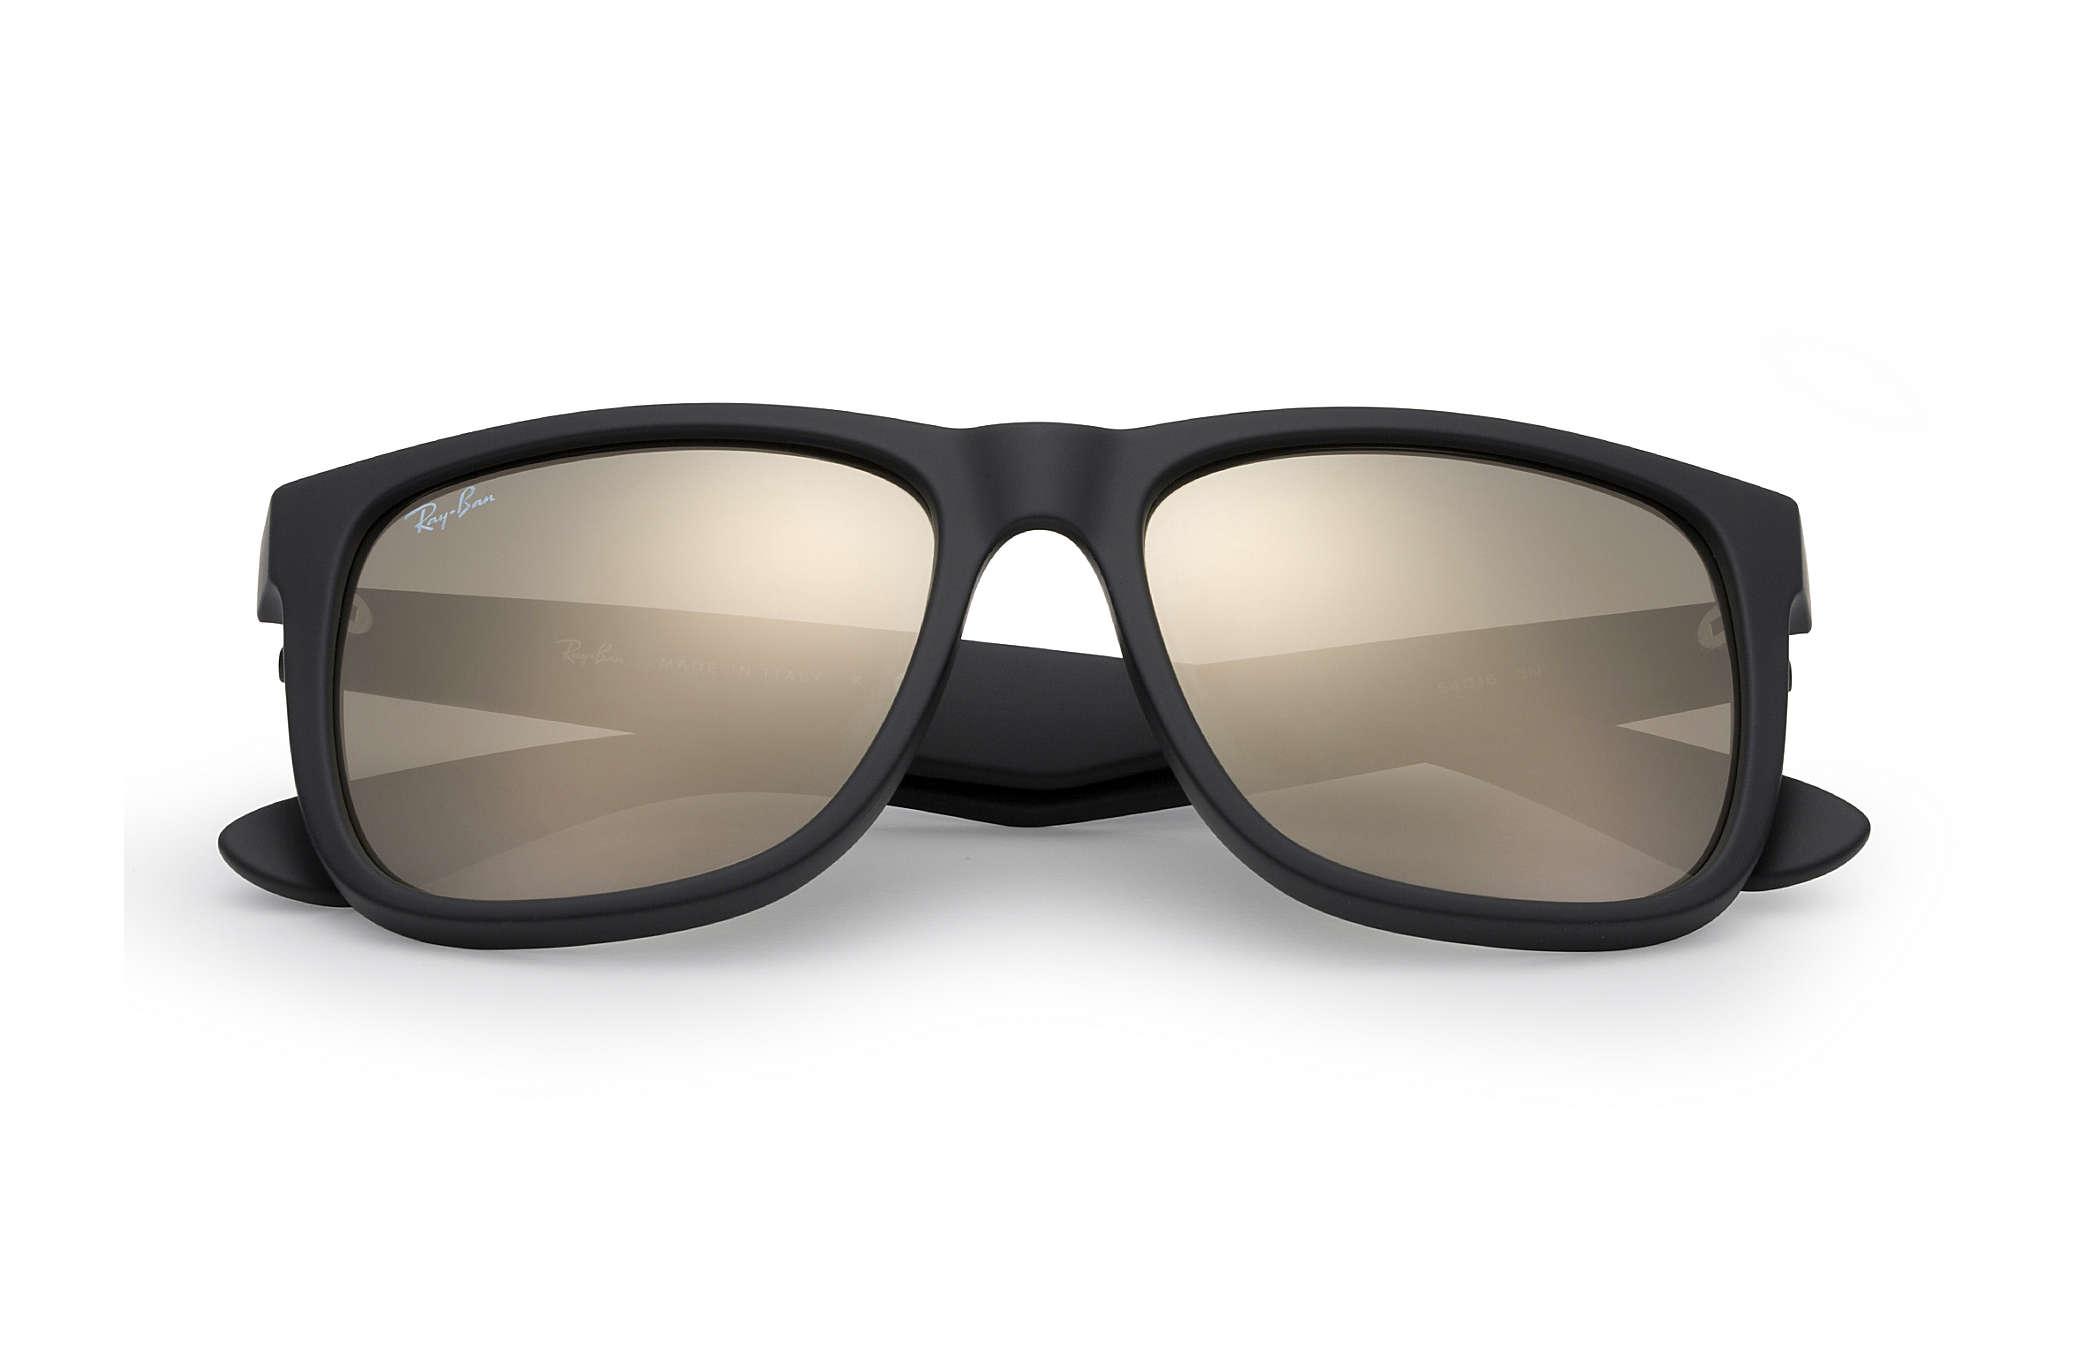 precio gafas ray ban justin